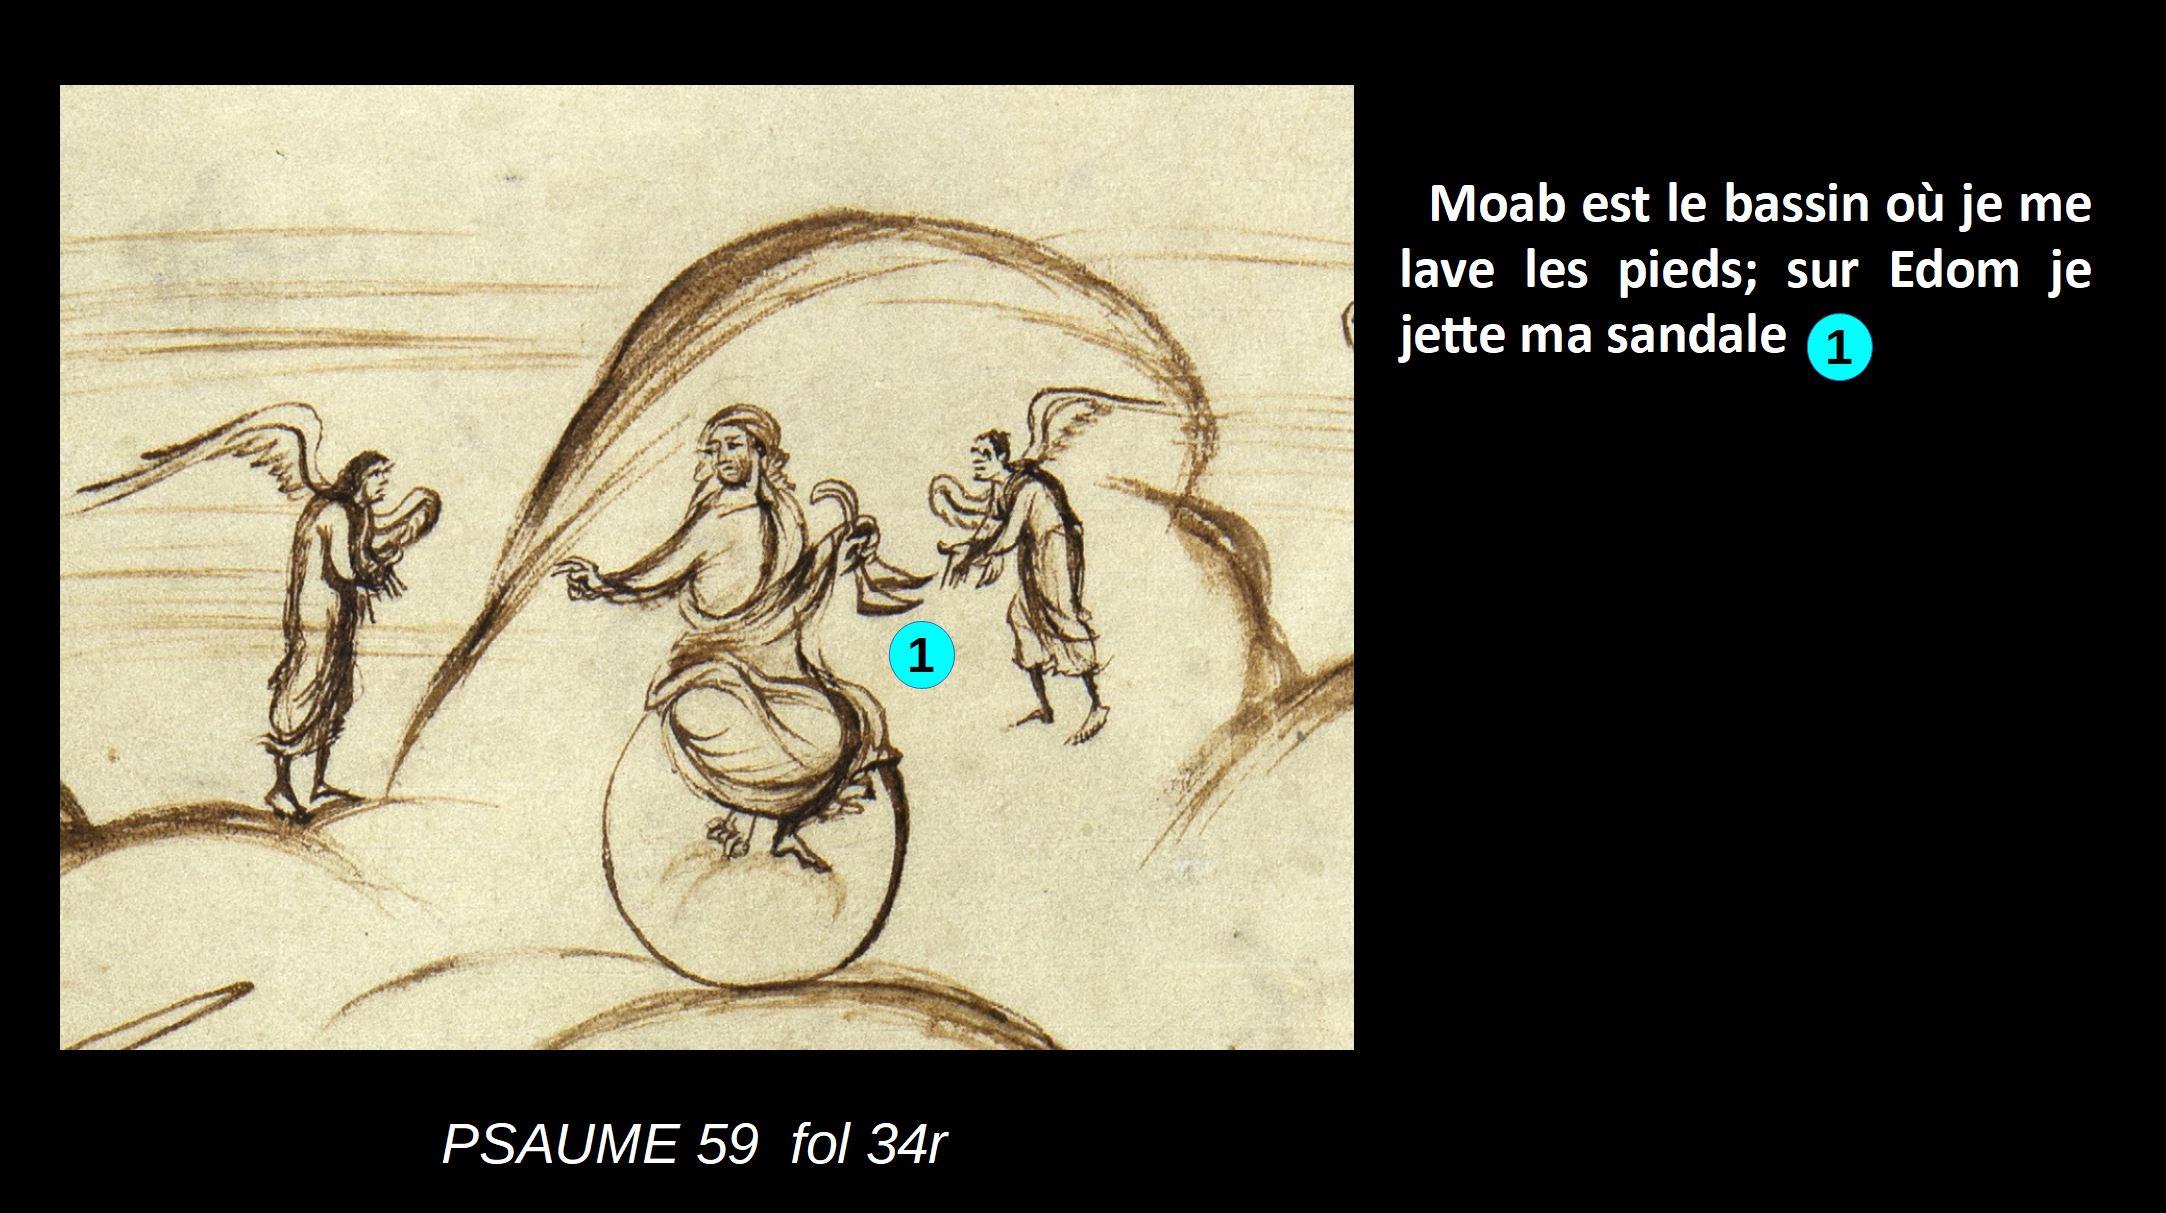 Utrecht Psalter PSAUME 59 fol 34r schema